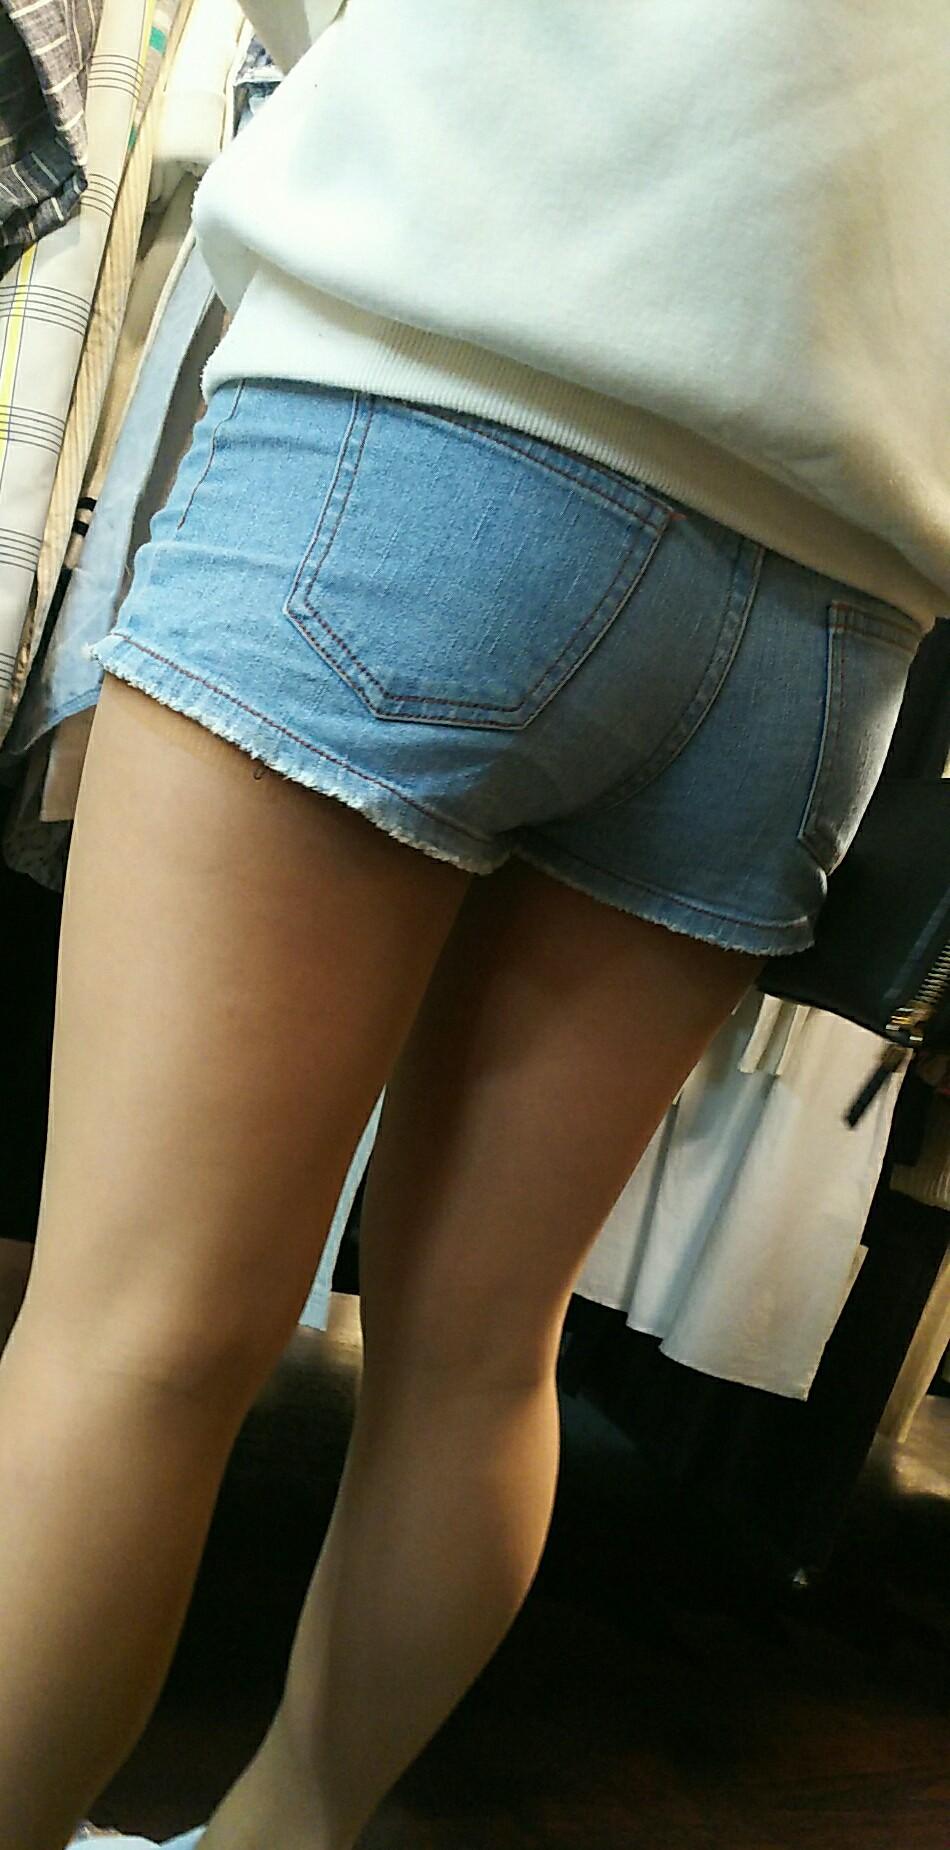 デニムショートパンツ女子の下半身を盗撮29